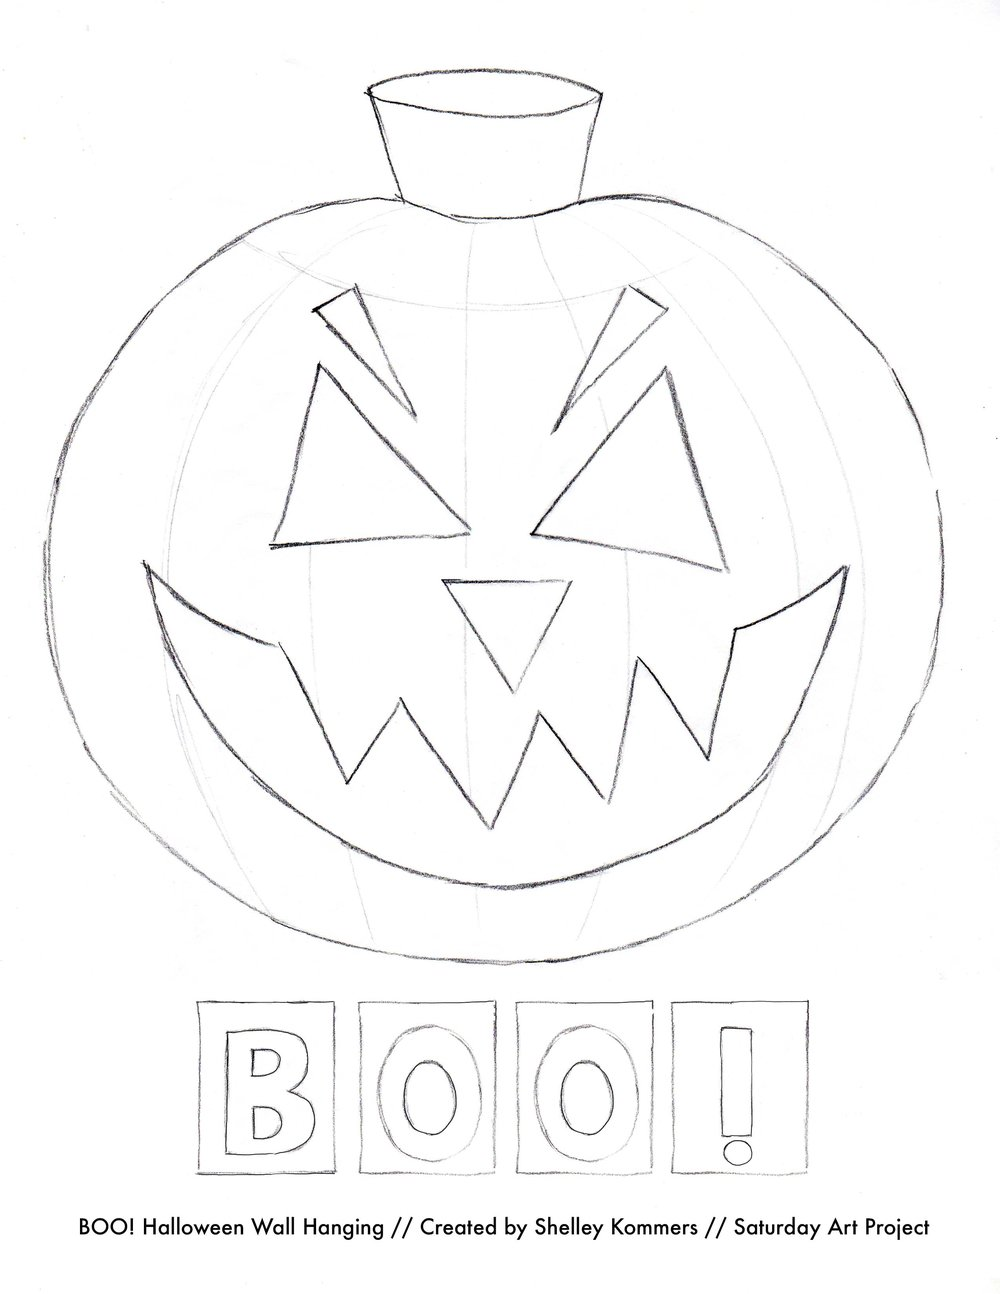 HalloweenDoorHanger.jpg